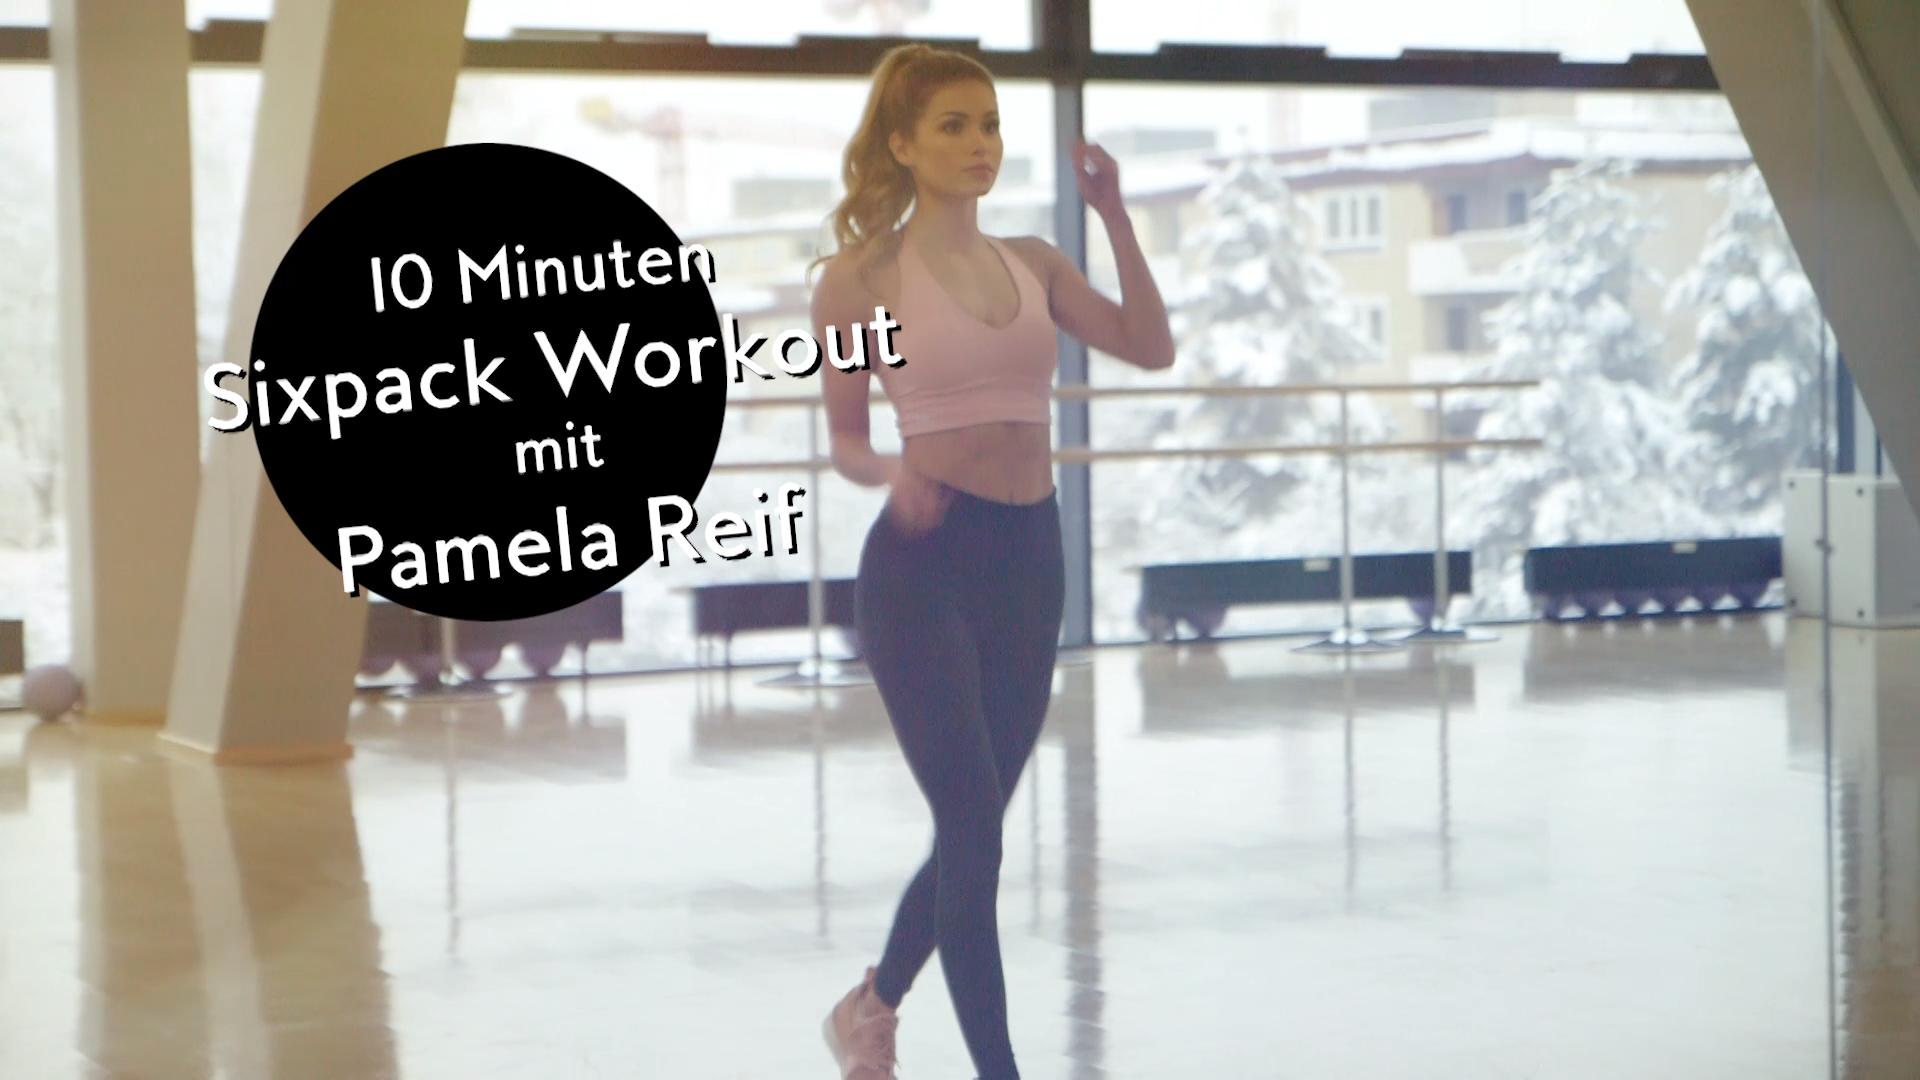 Ein Sixpack bekommen – in nur 10 Minuten? Das geht! Fitness-Model und Puma-Testimonial Pamela Reif b...